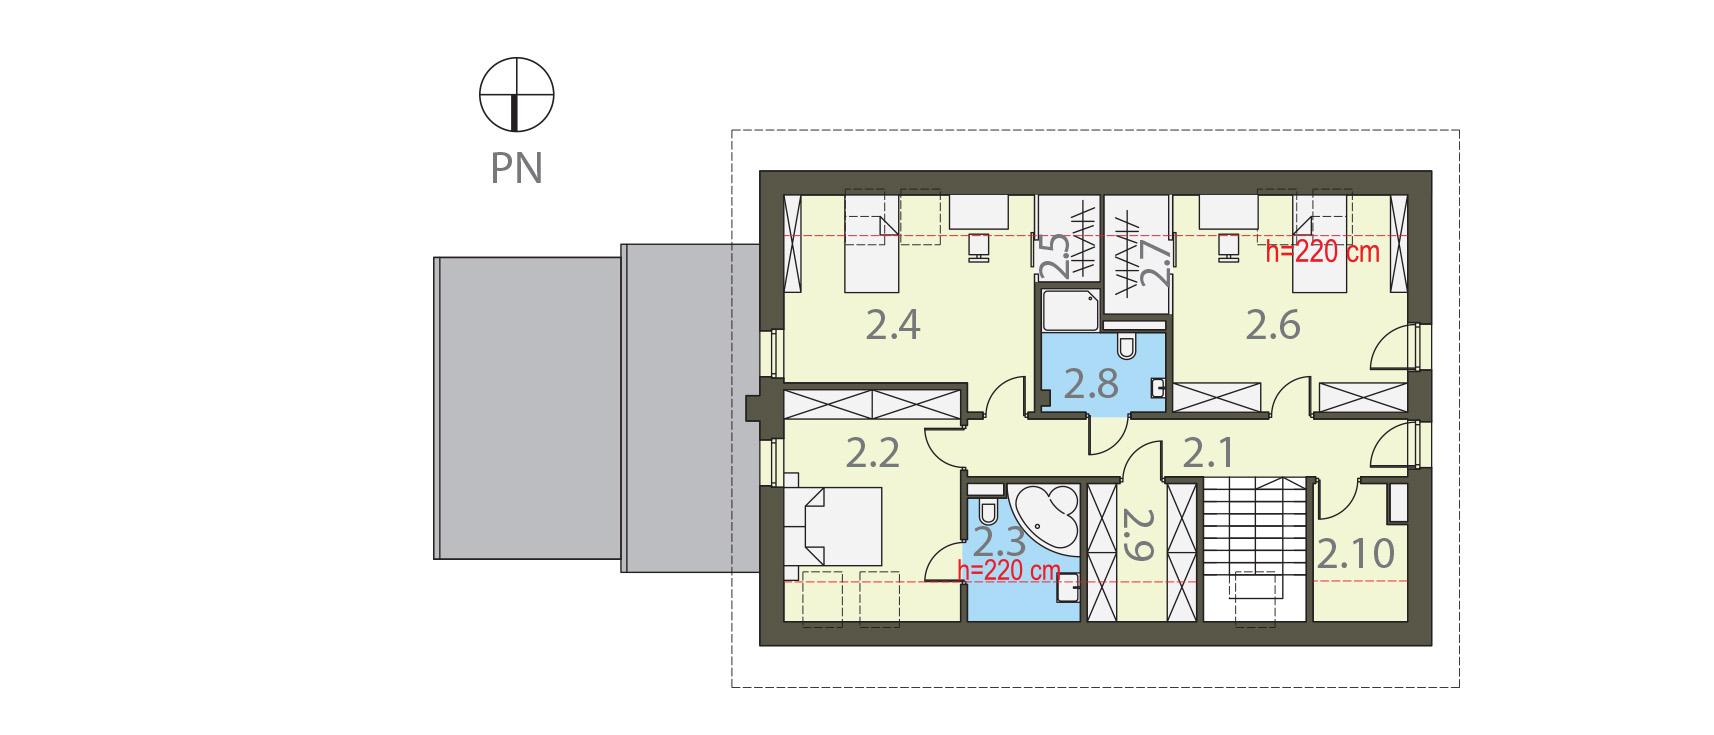 Projekt domu PRZESTRONNY Domy Czystej Energii rzut piętra